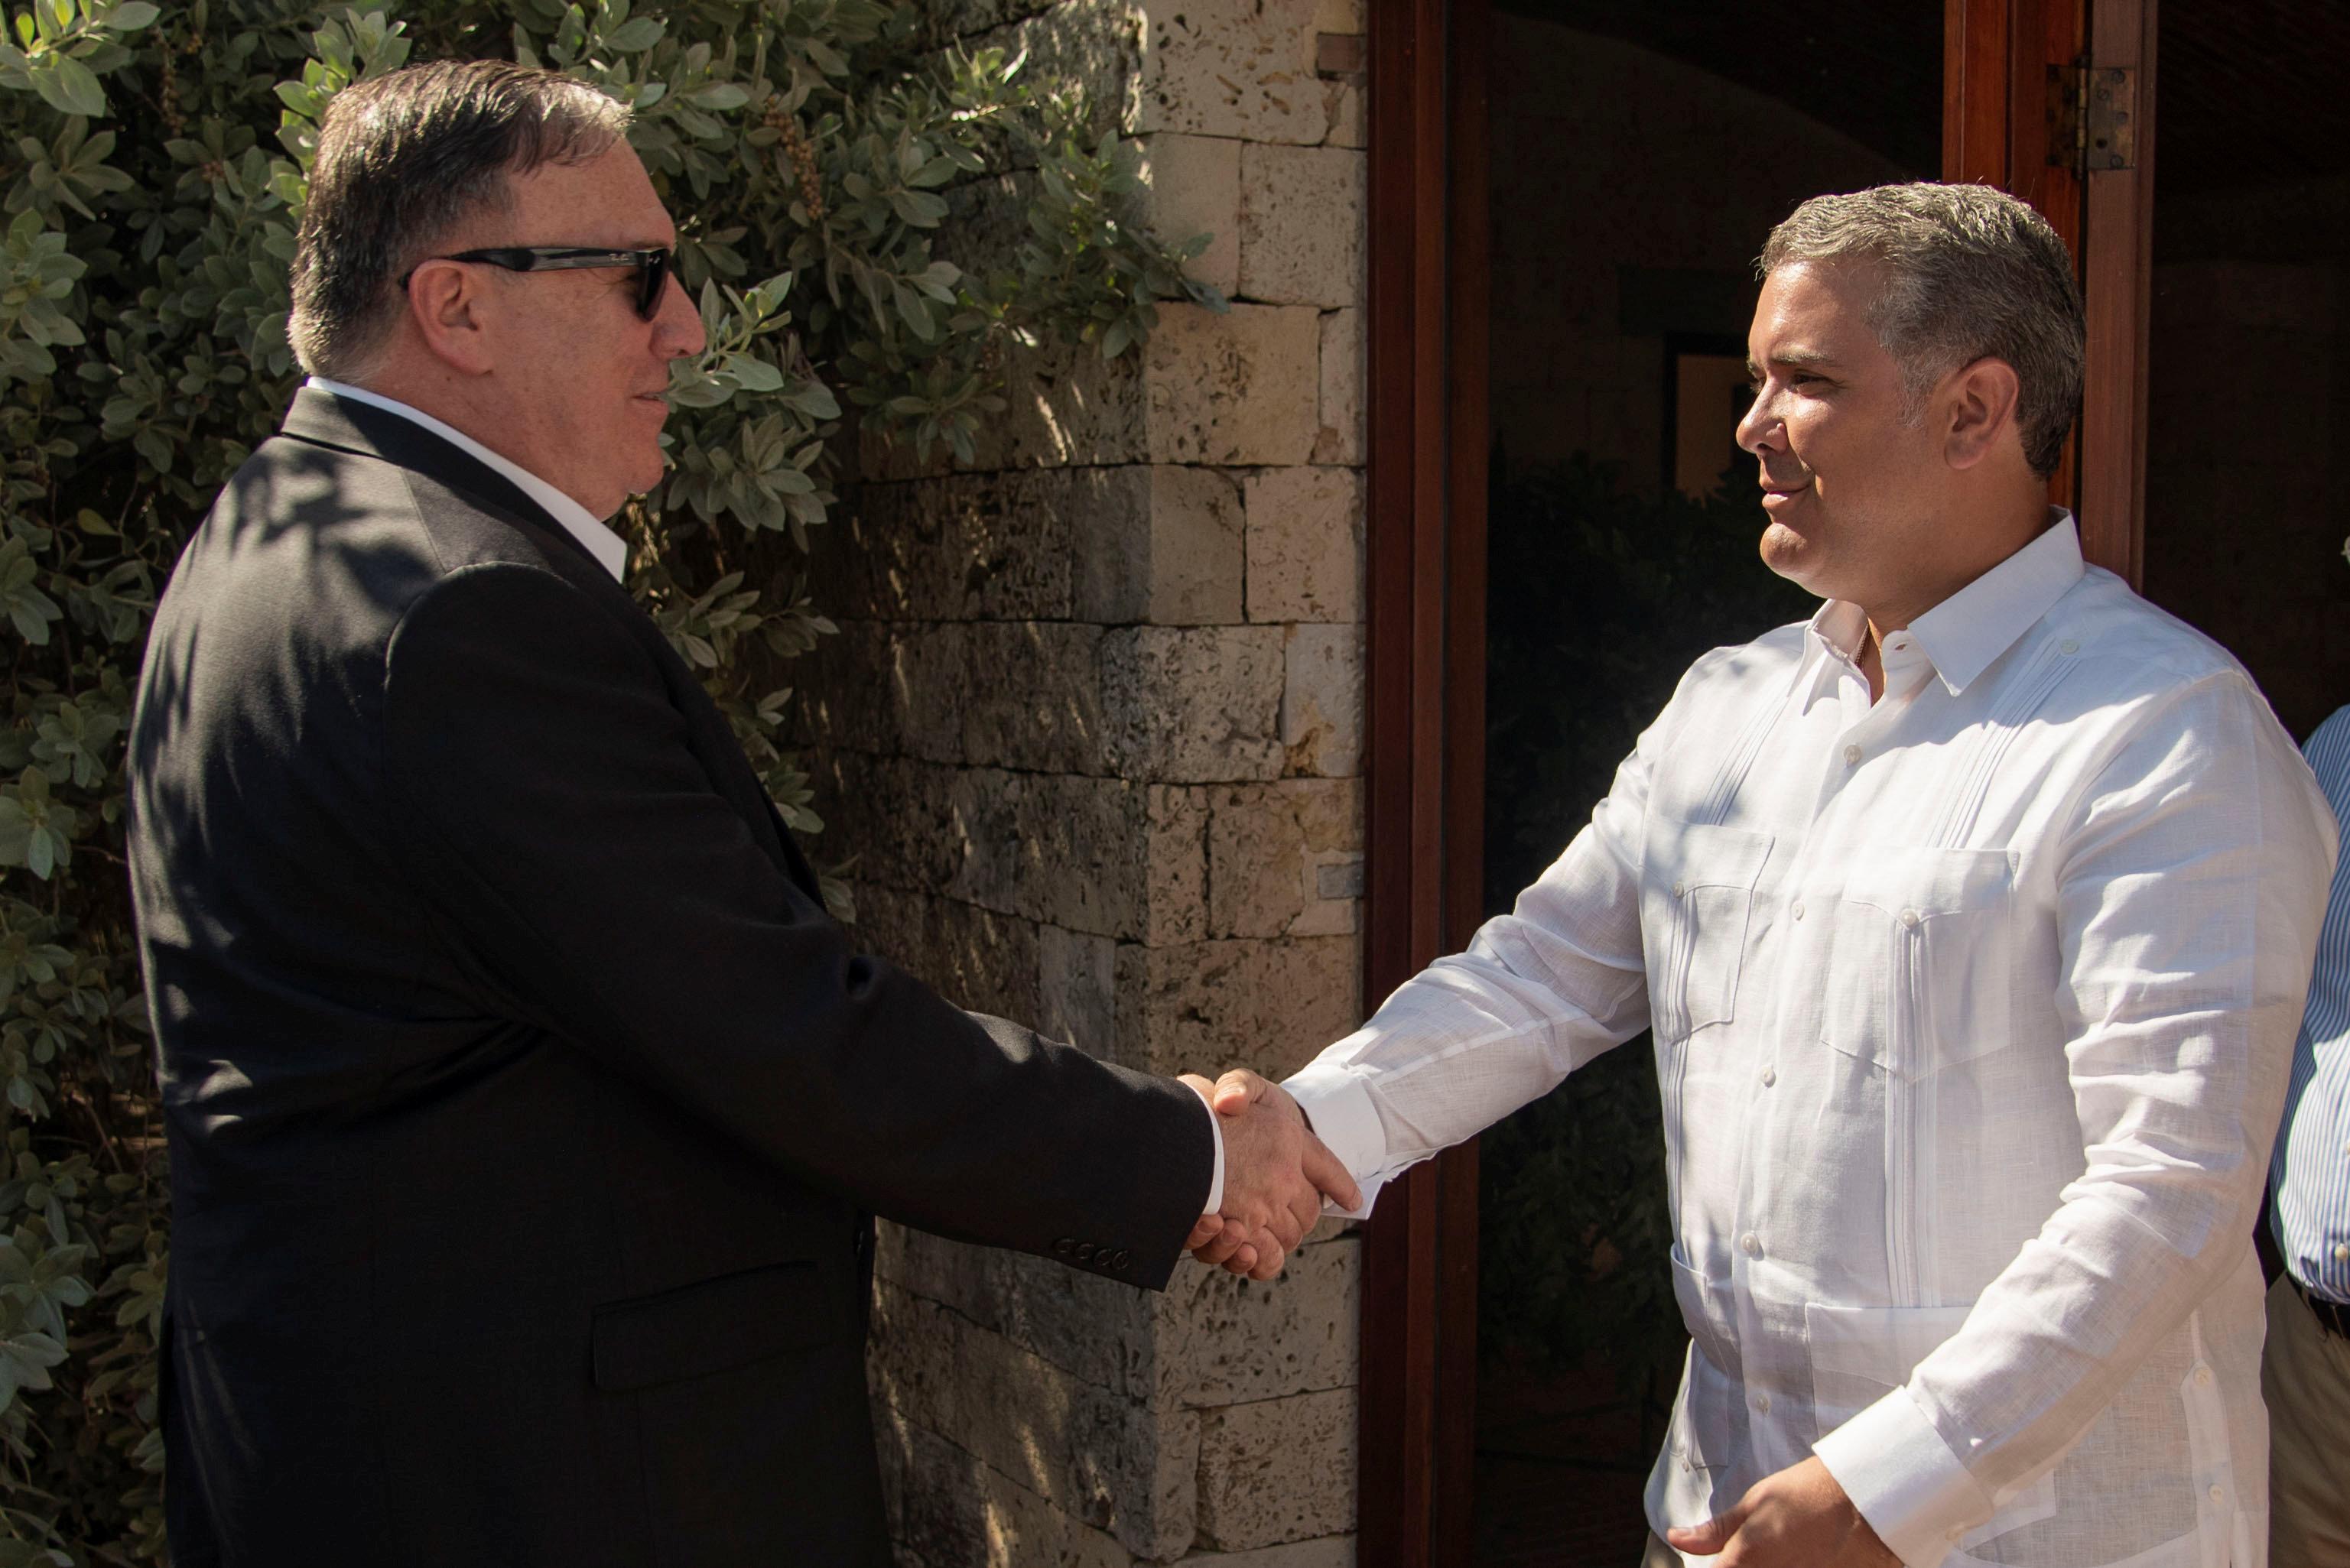 أمريكا وكولومبيا تتفقان على فرض عزلة دبلوماسية  (1)